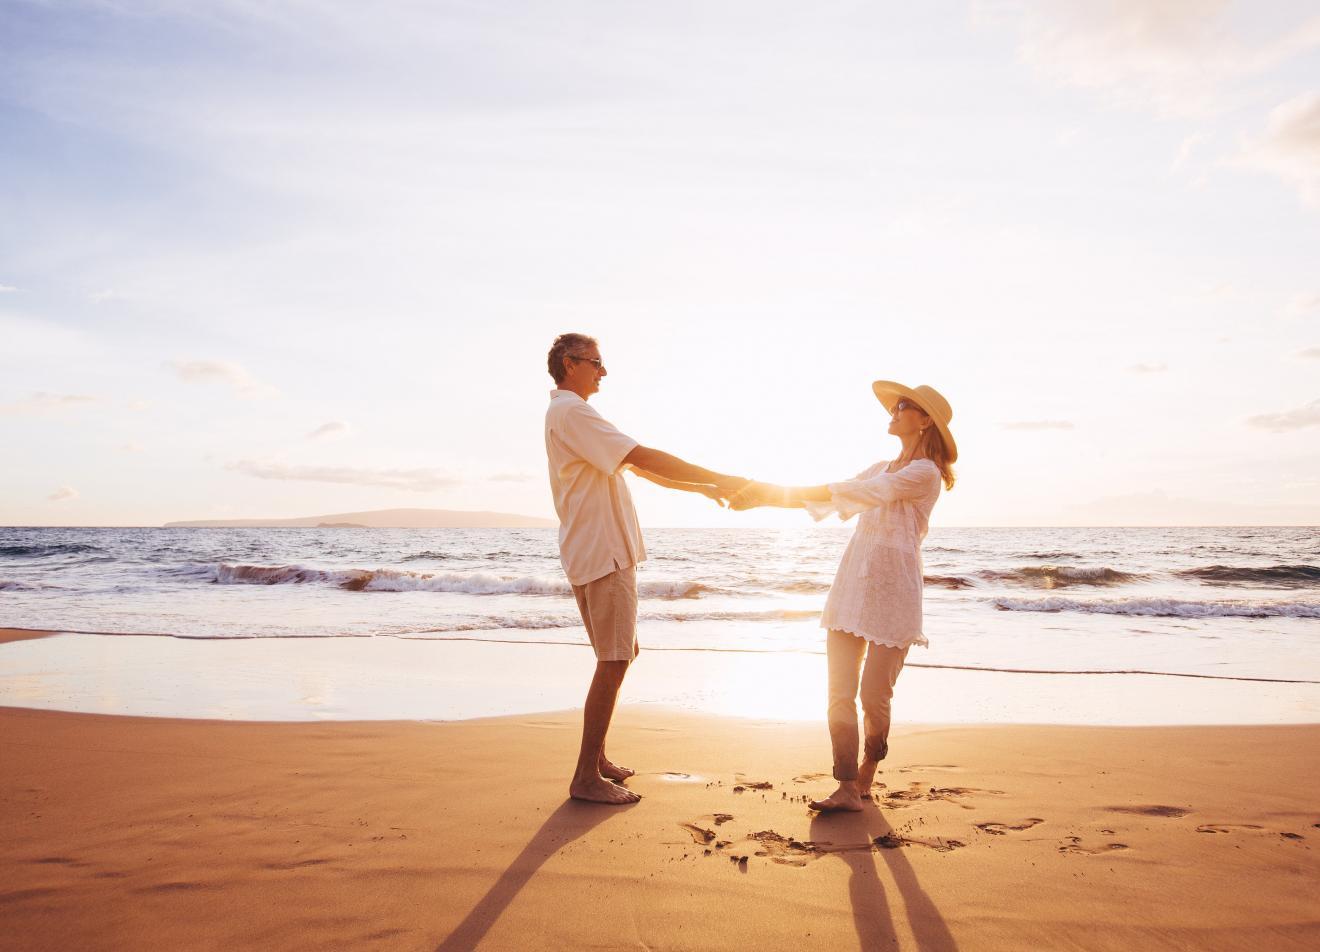 Vacaciones con las máximas garantías